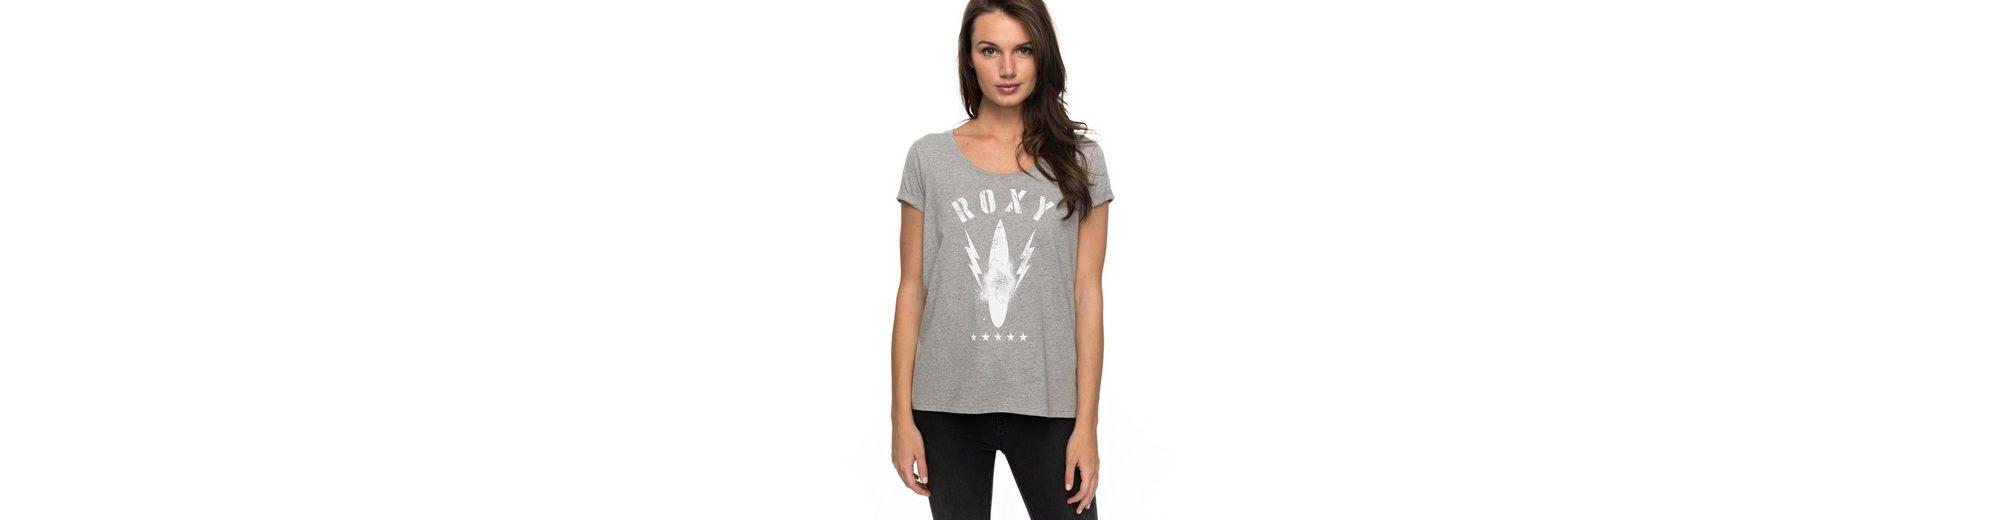 Rabatt-Shop Für Roxy T-Shirt Mimi Jungle Off Duty Lieferung Frei Haus Mit Paypal BzfoA213WW